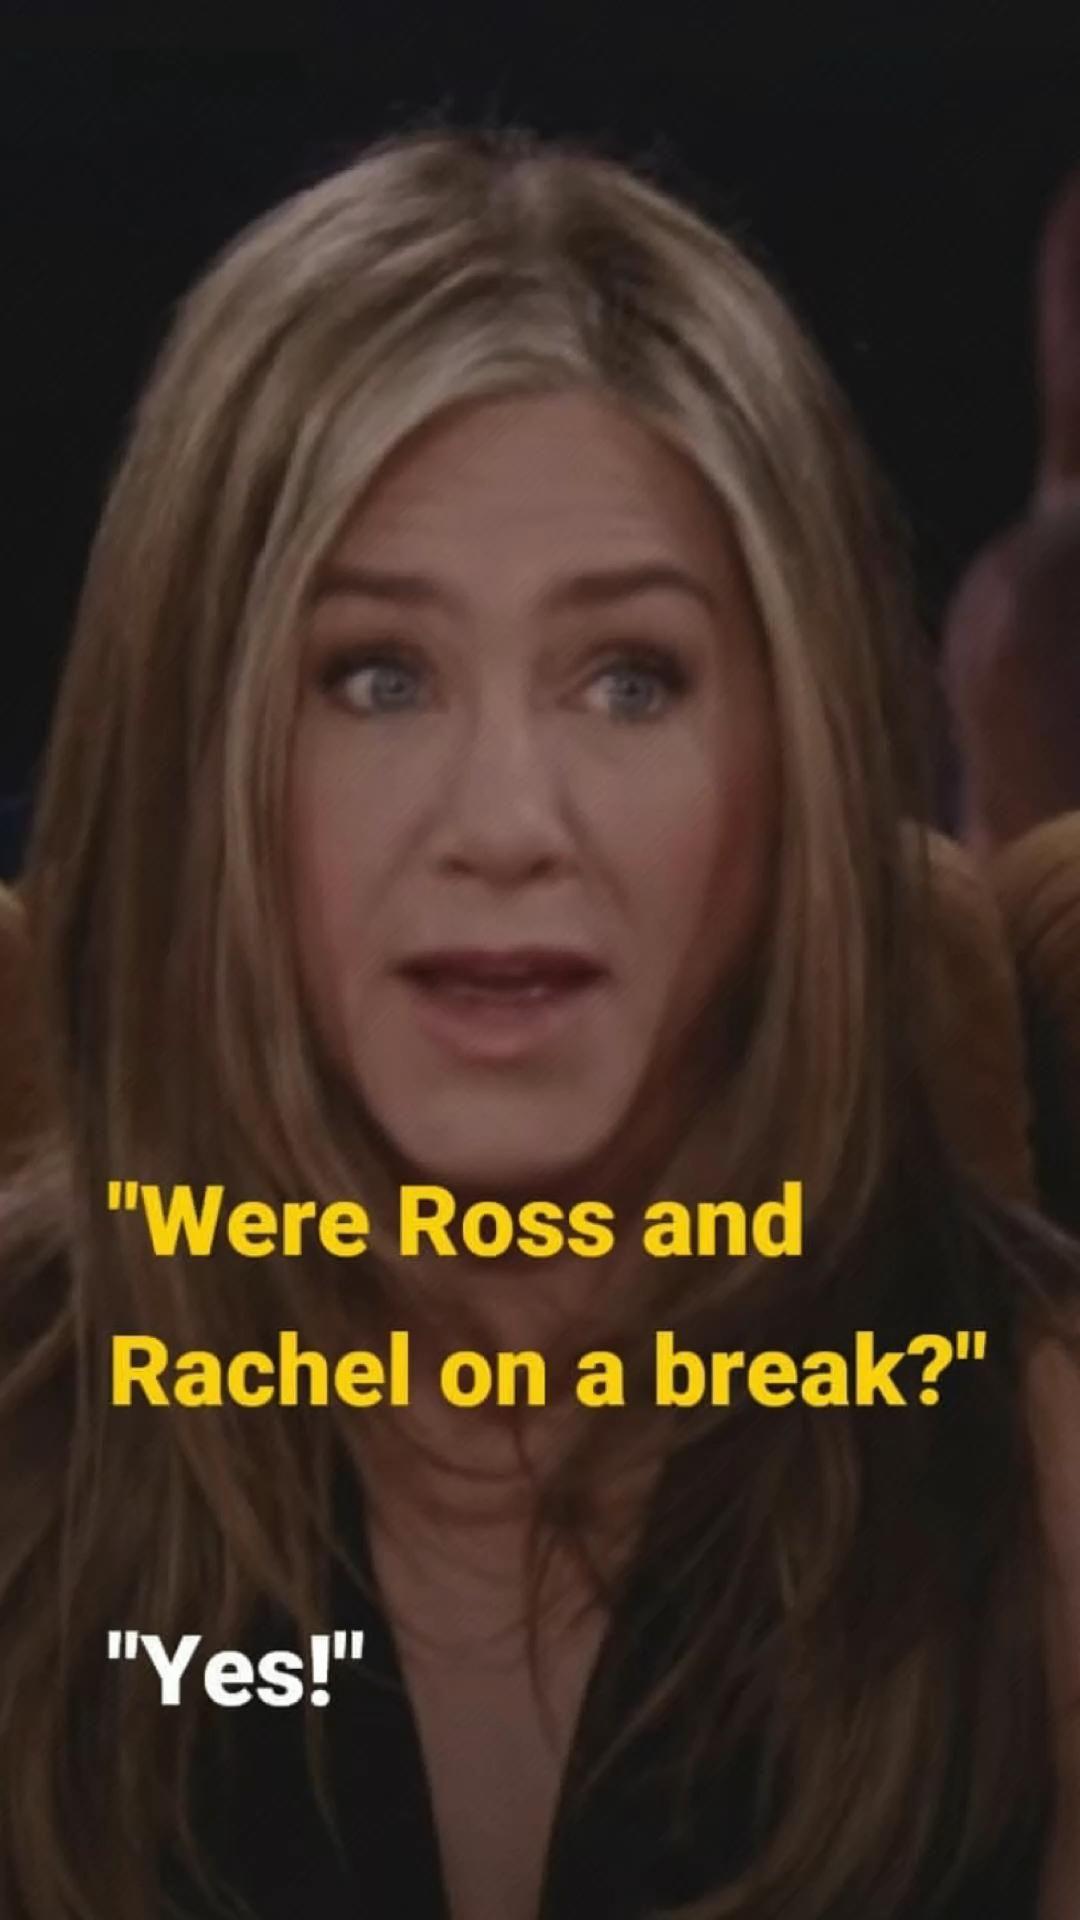 Were Ross and Rachel on a break?